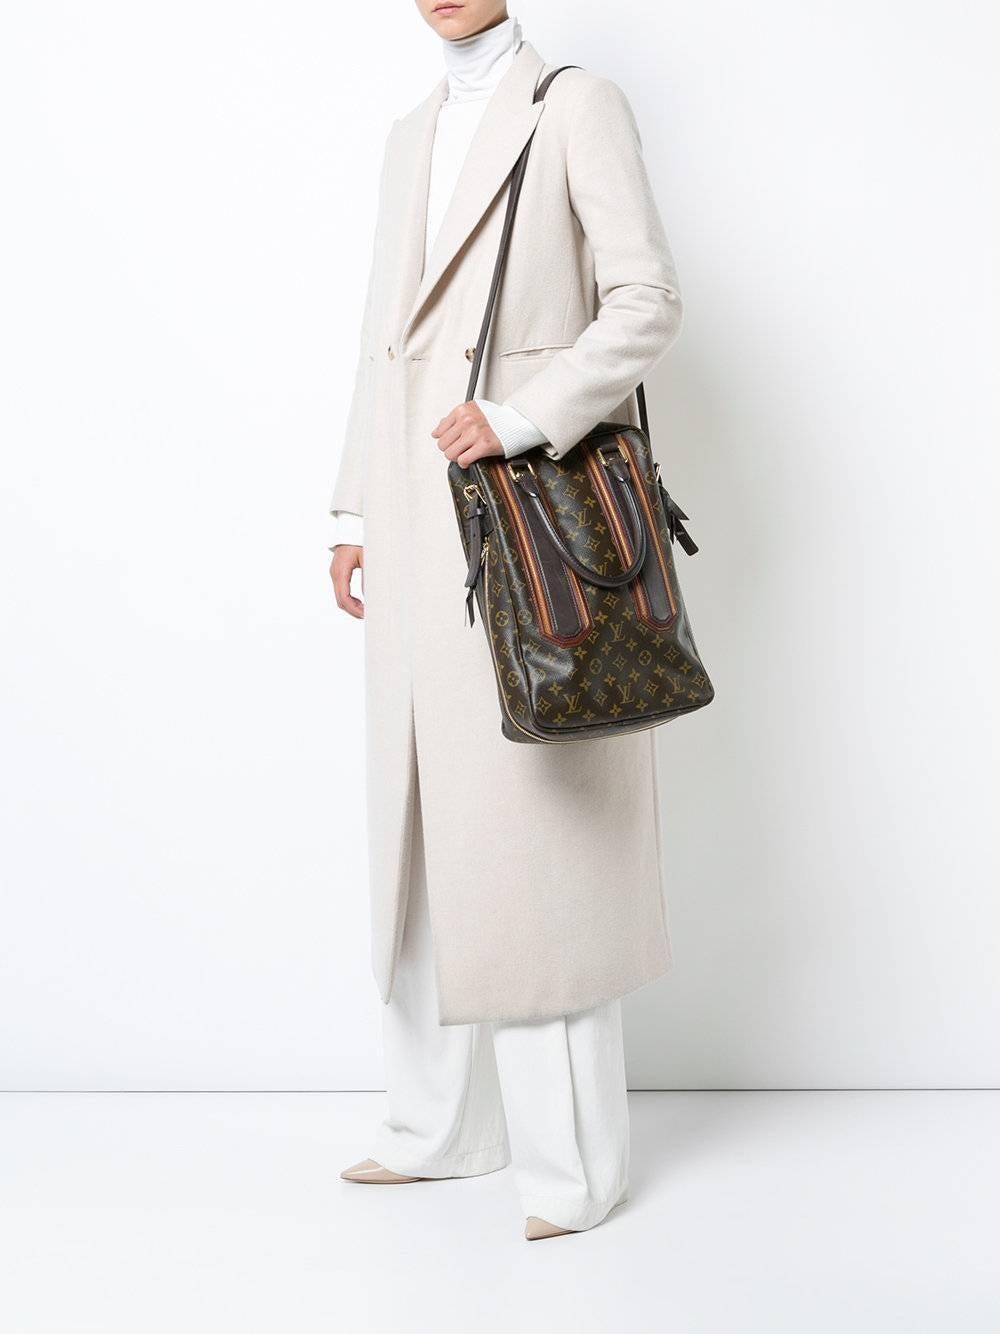 Louis Vuitton Limited Edition Mono Mens Top Handle Travel Tote Shoulder Bag PJ58vigxe